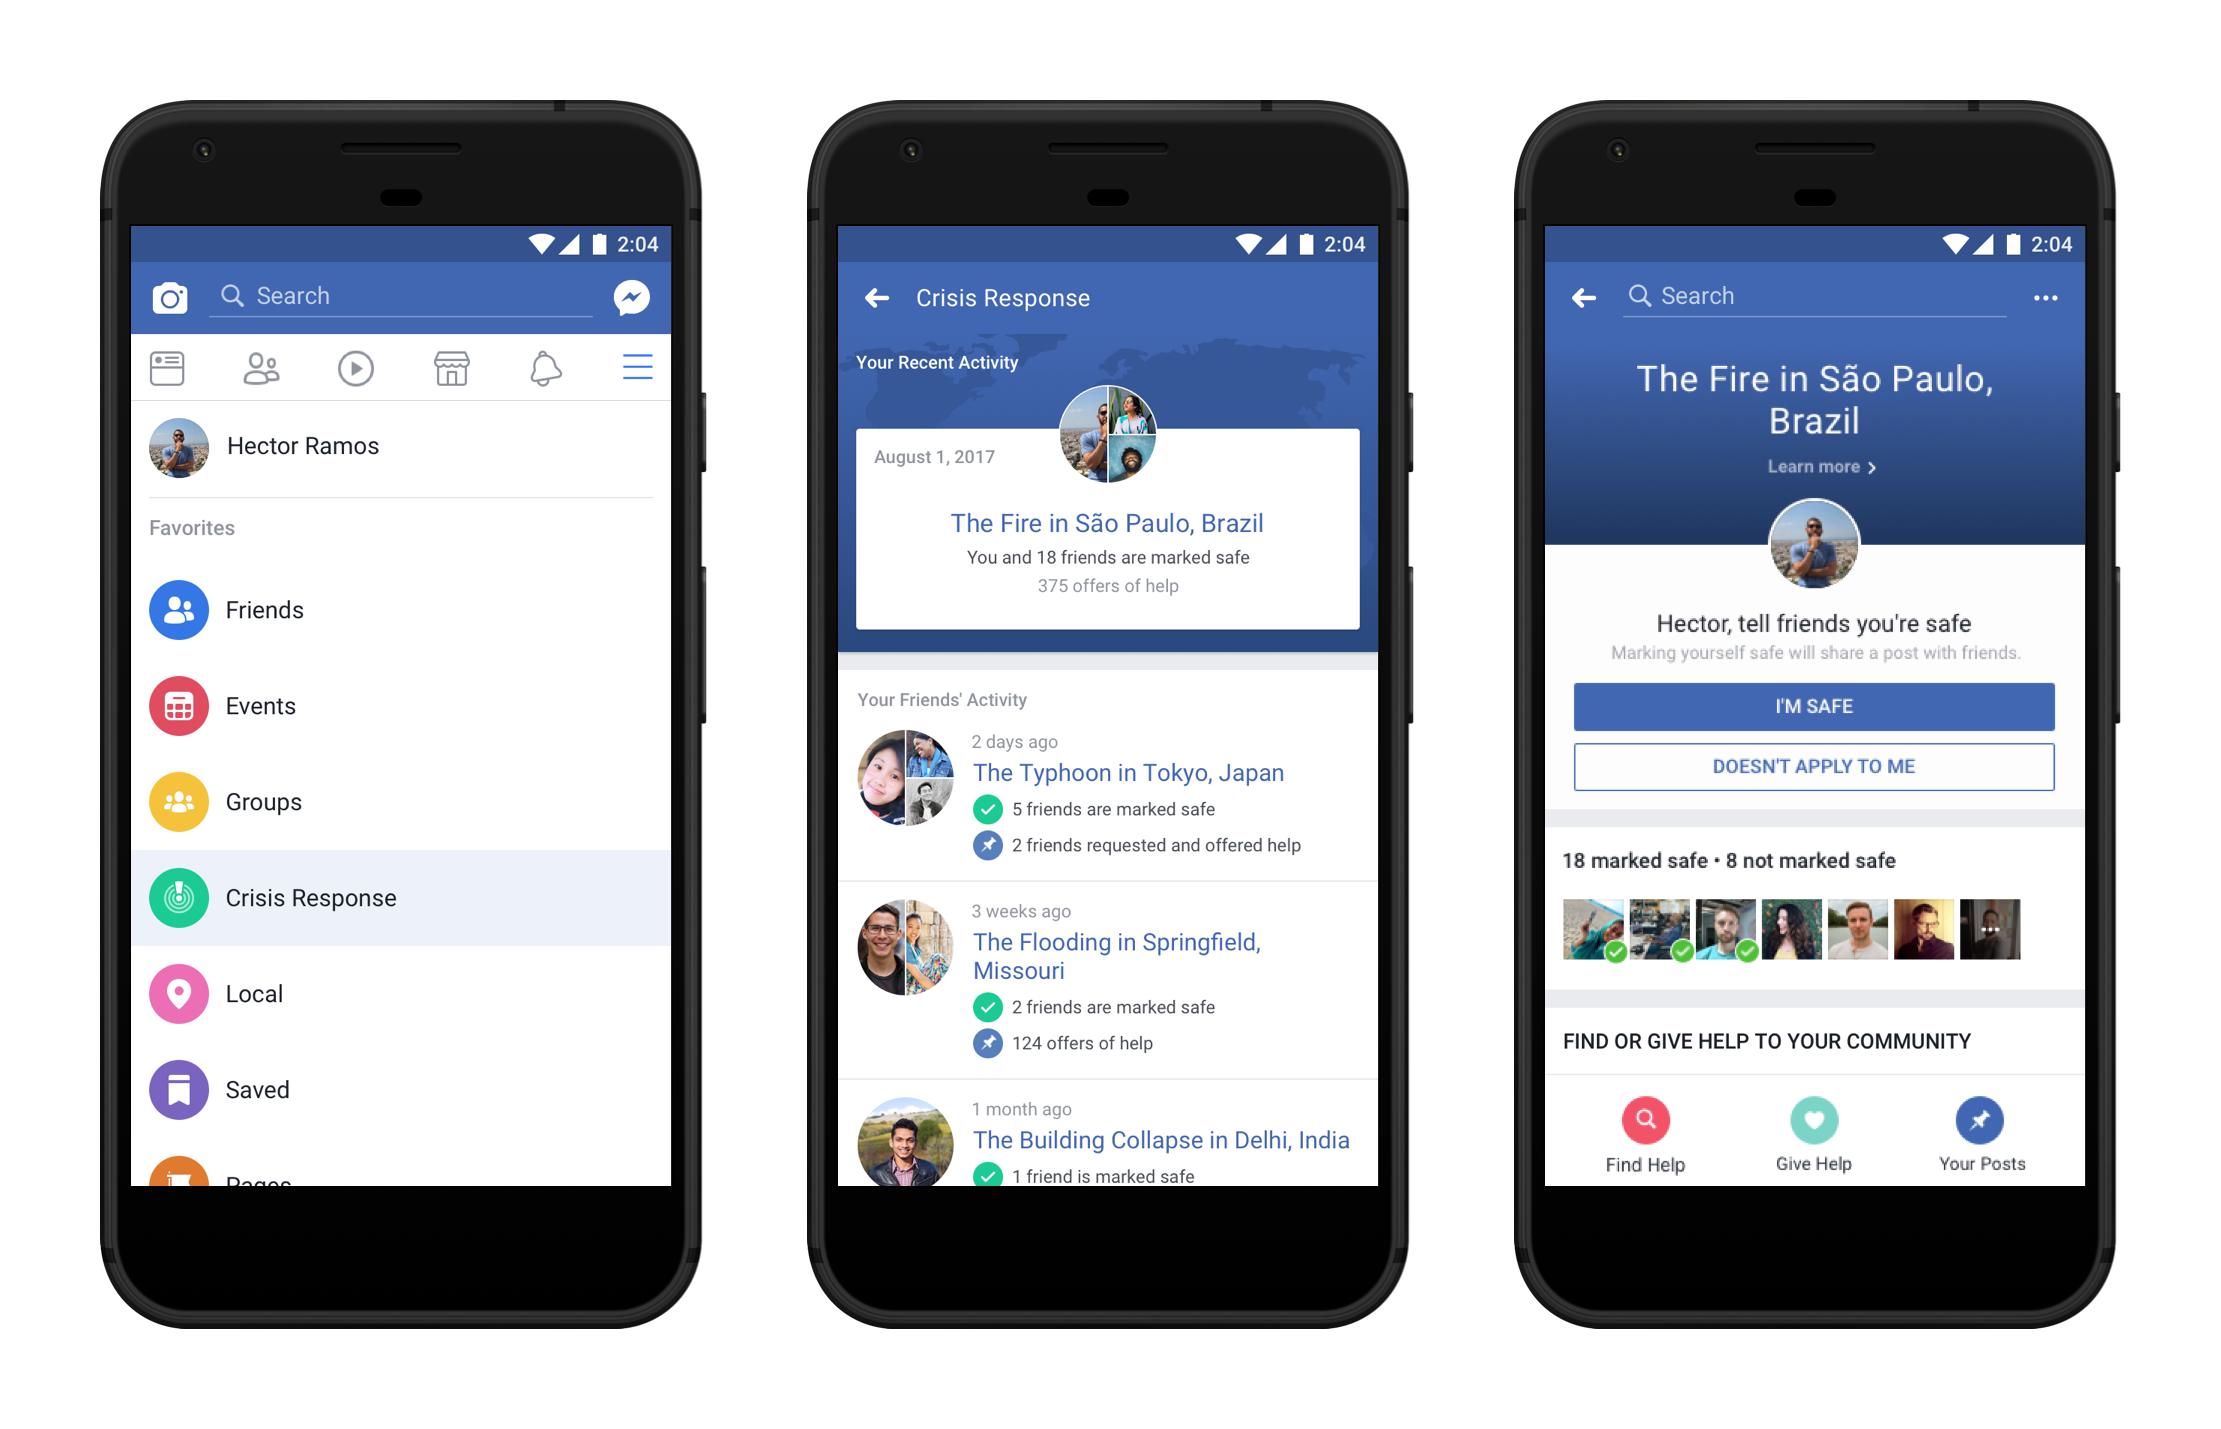 facebook crisis response center launch safety check